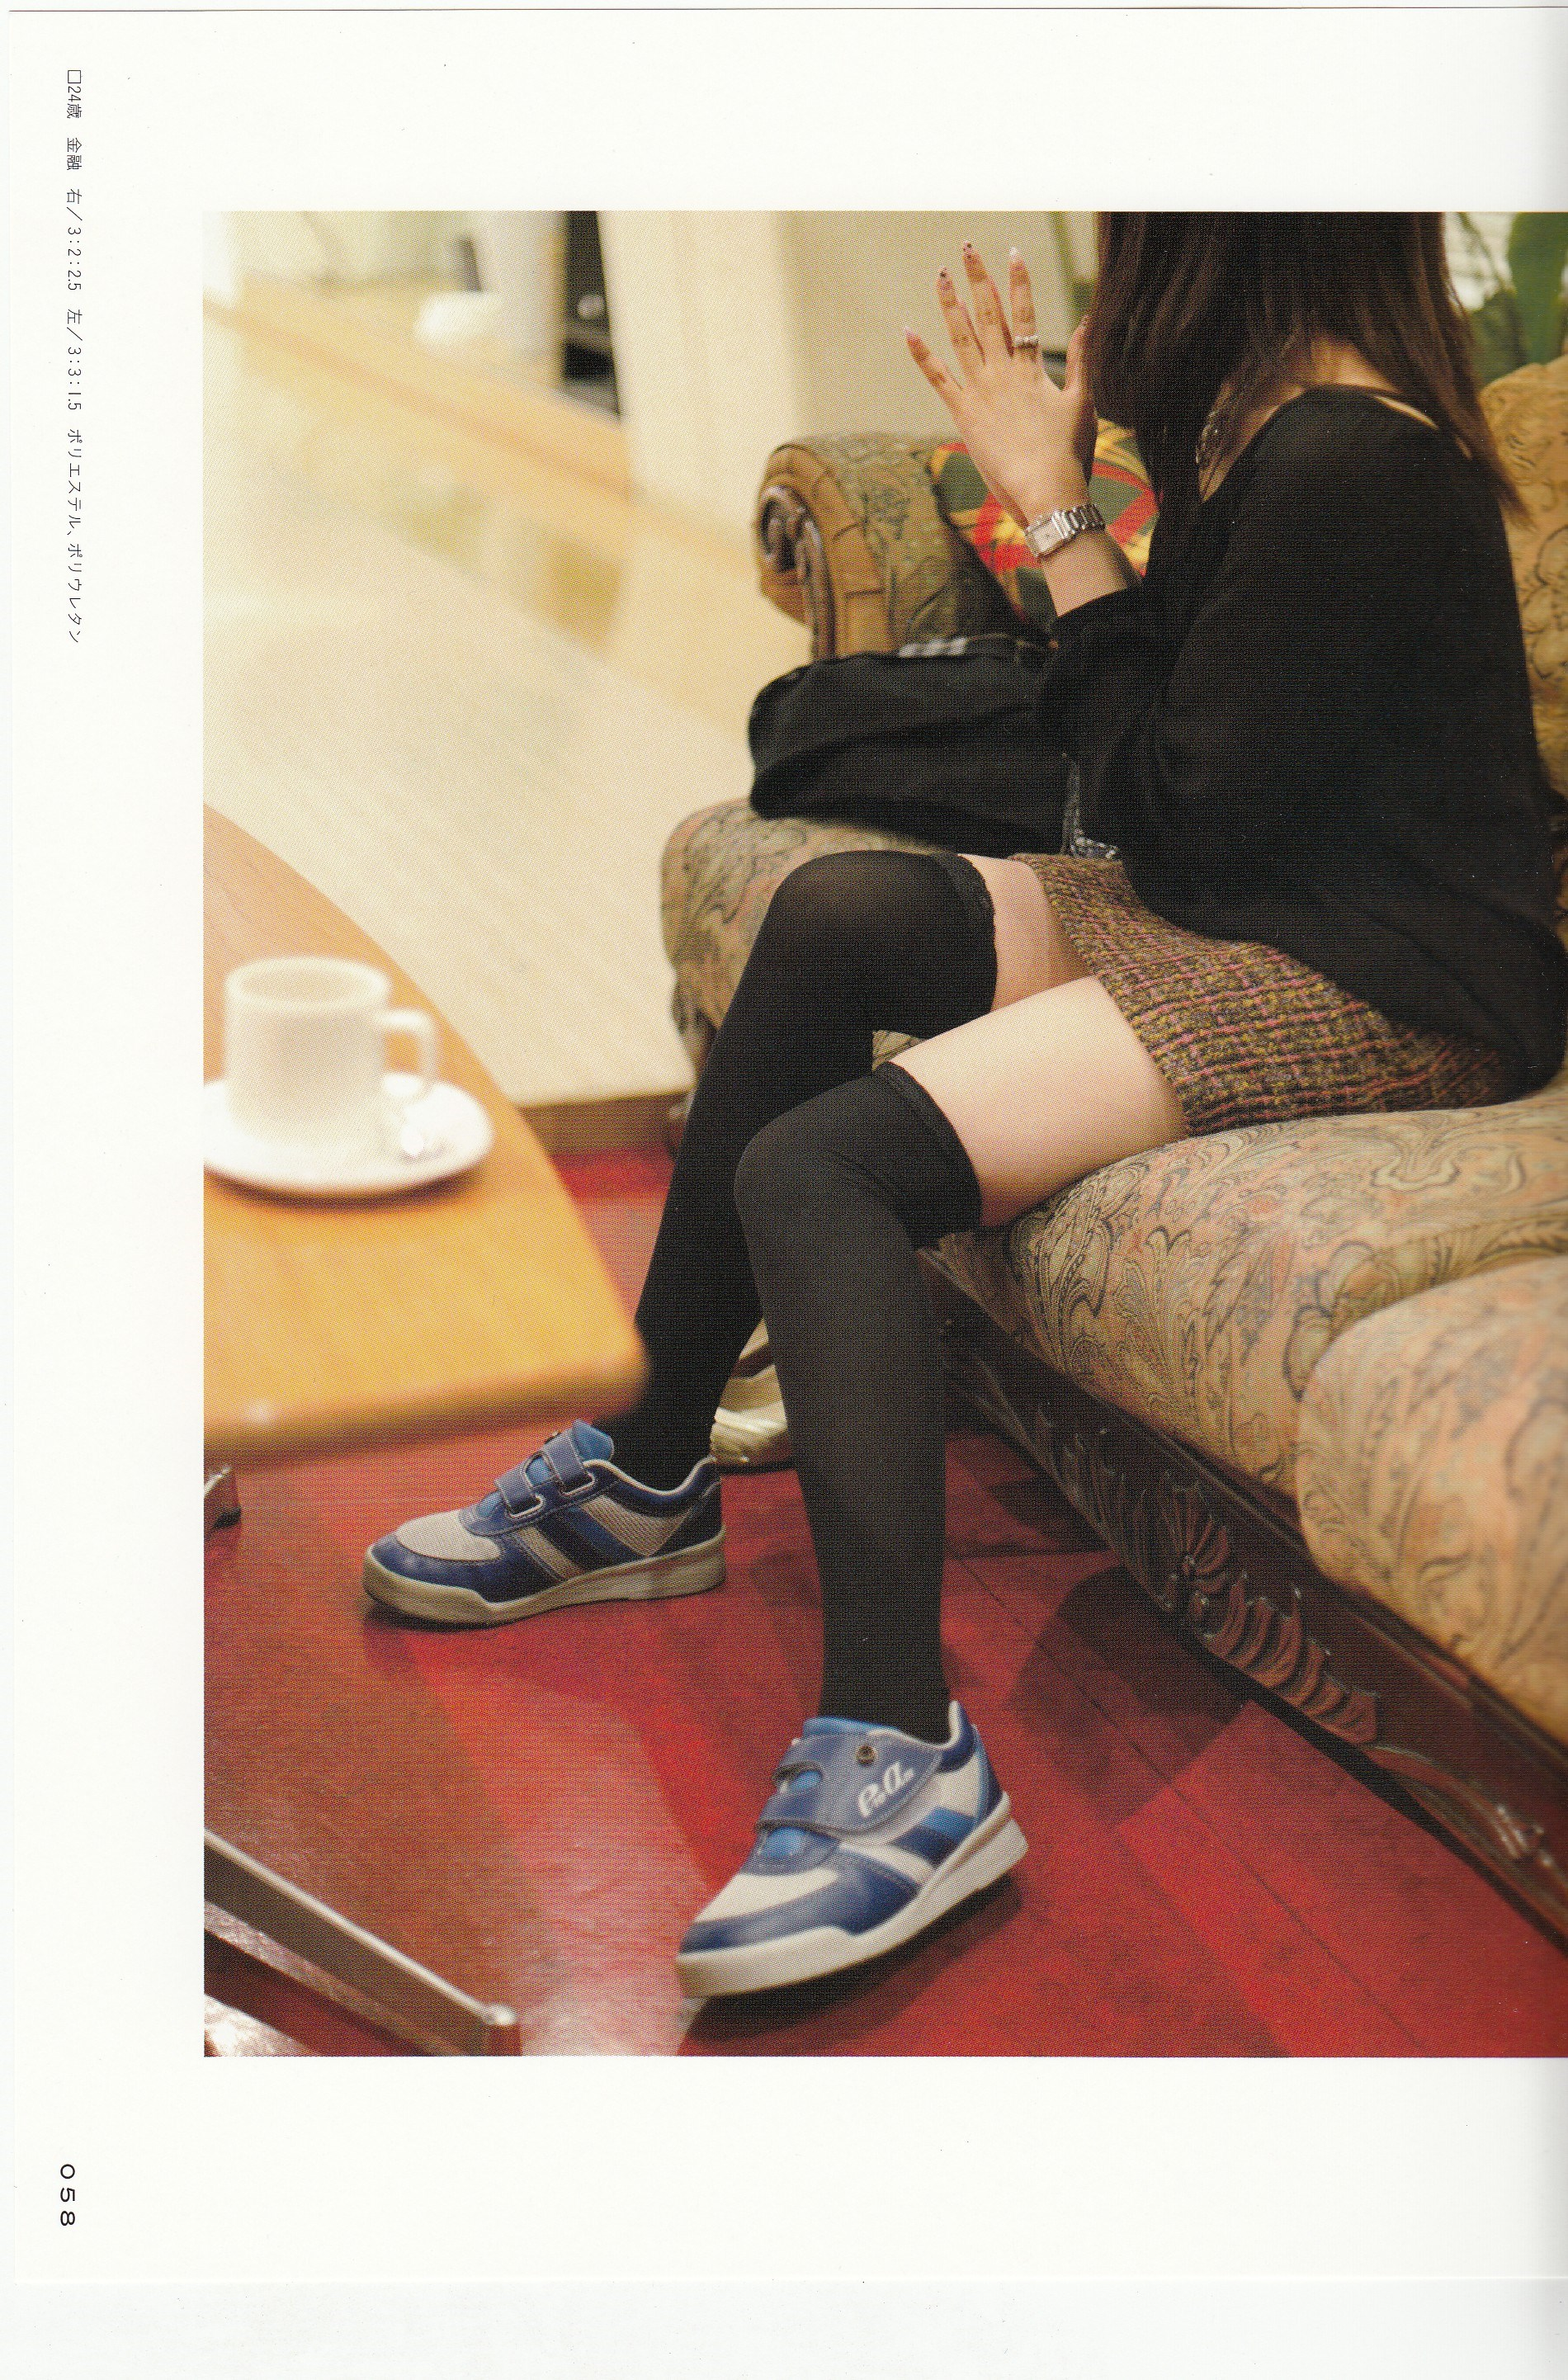 【兔玩映画】新鲜的美少女大腿 兔玩映画 第39张